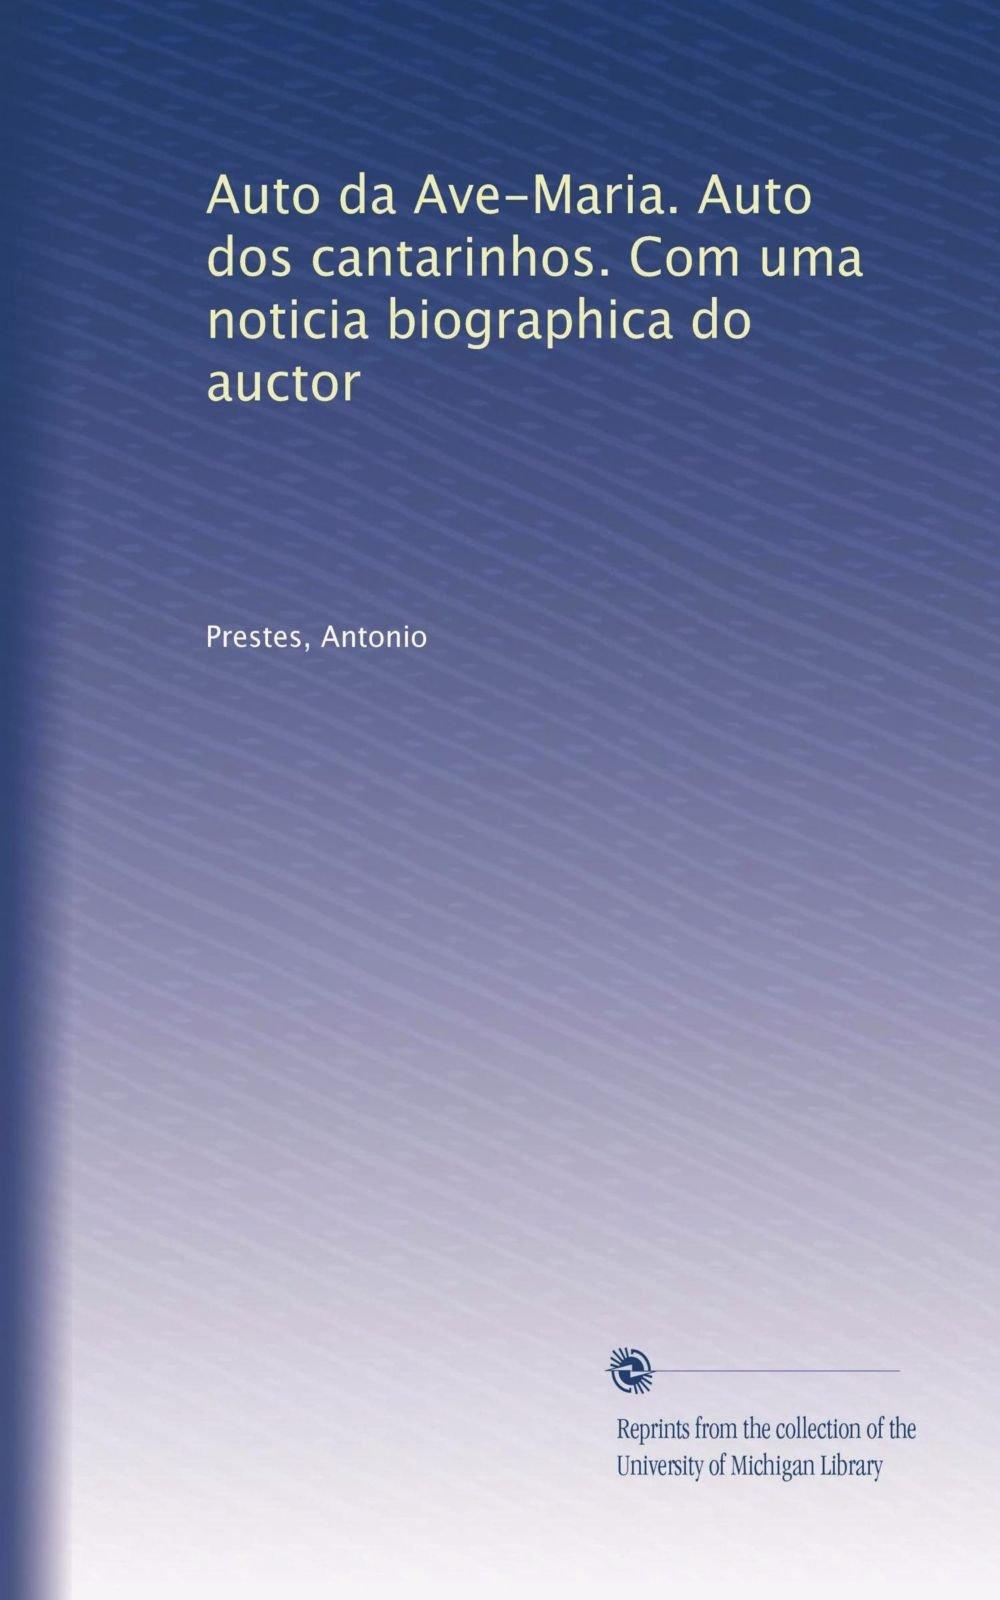 Download Auto da Ave-Maria. Auto dos cantarinhos. Com uma noticia biographica do auctor (Portuguese Edition) PDF